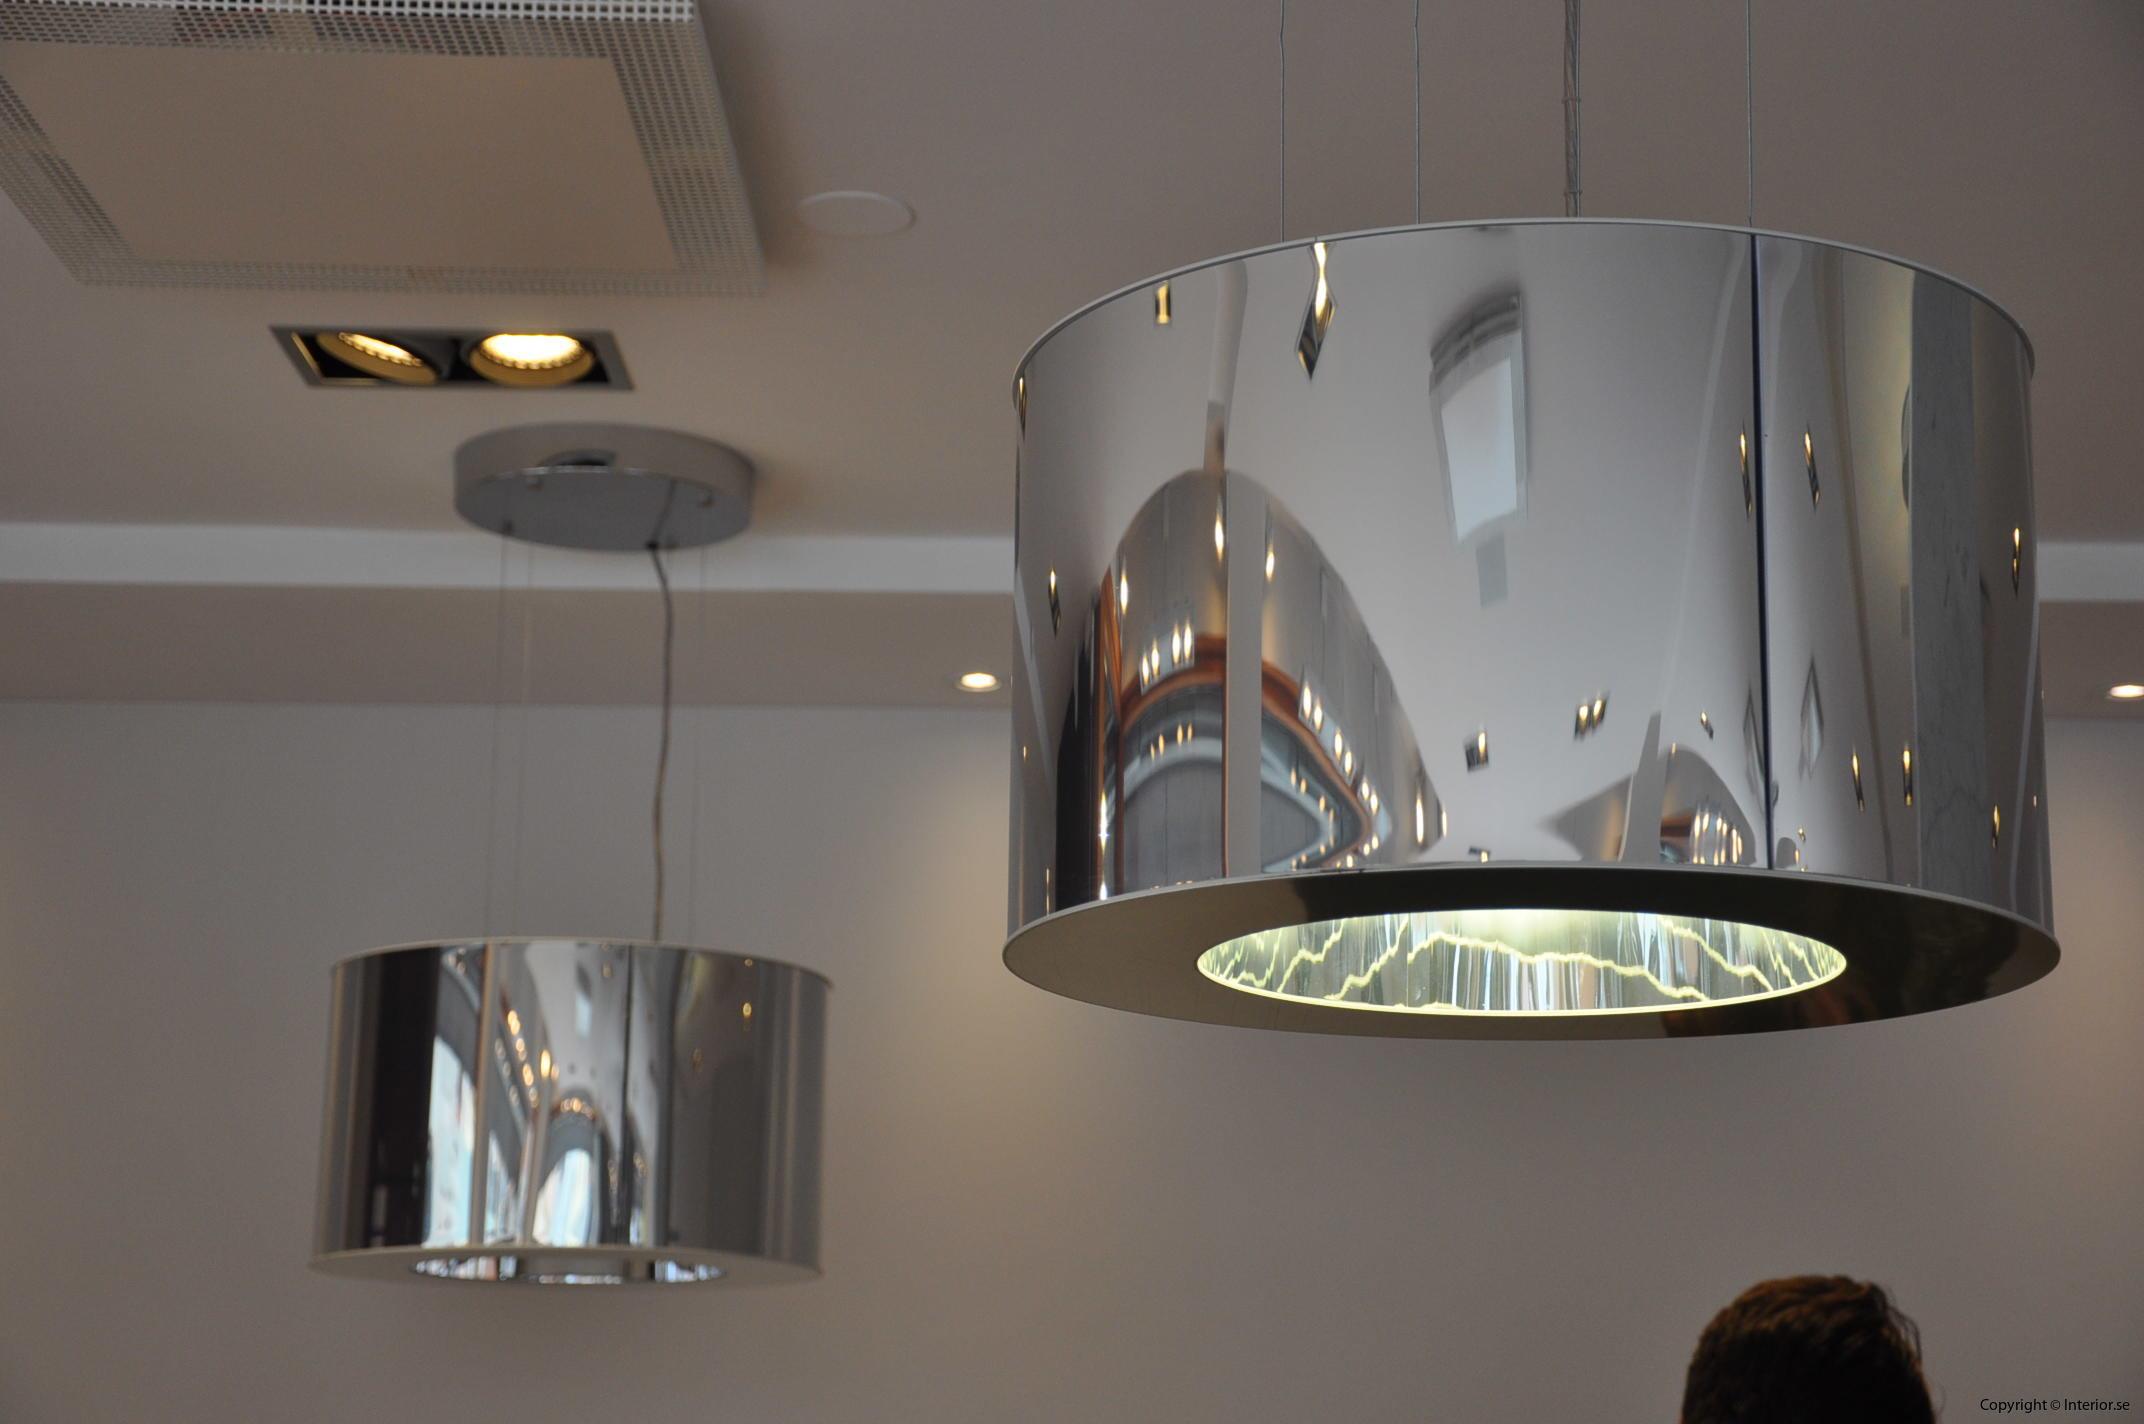 Pendel, Artemide Tian Xia 500 50 cm LED - Carlotta de Bevilacqua (6)